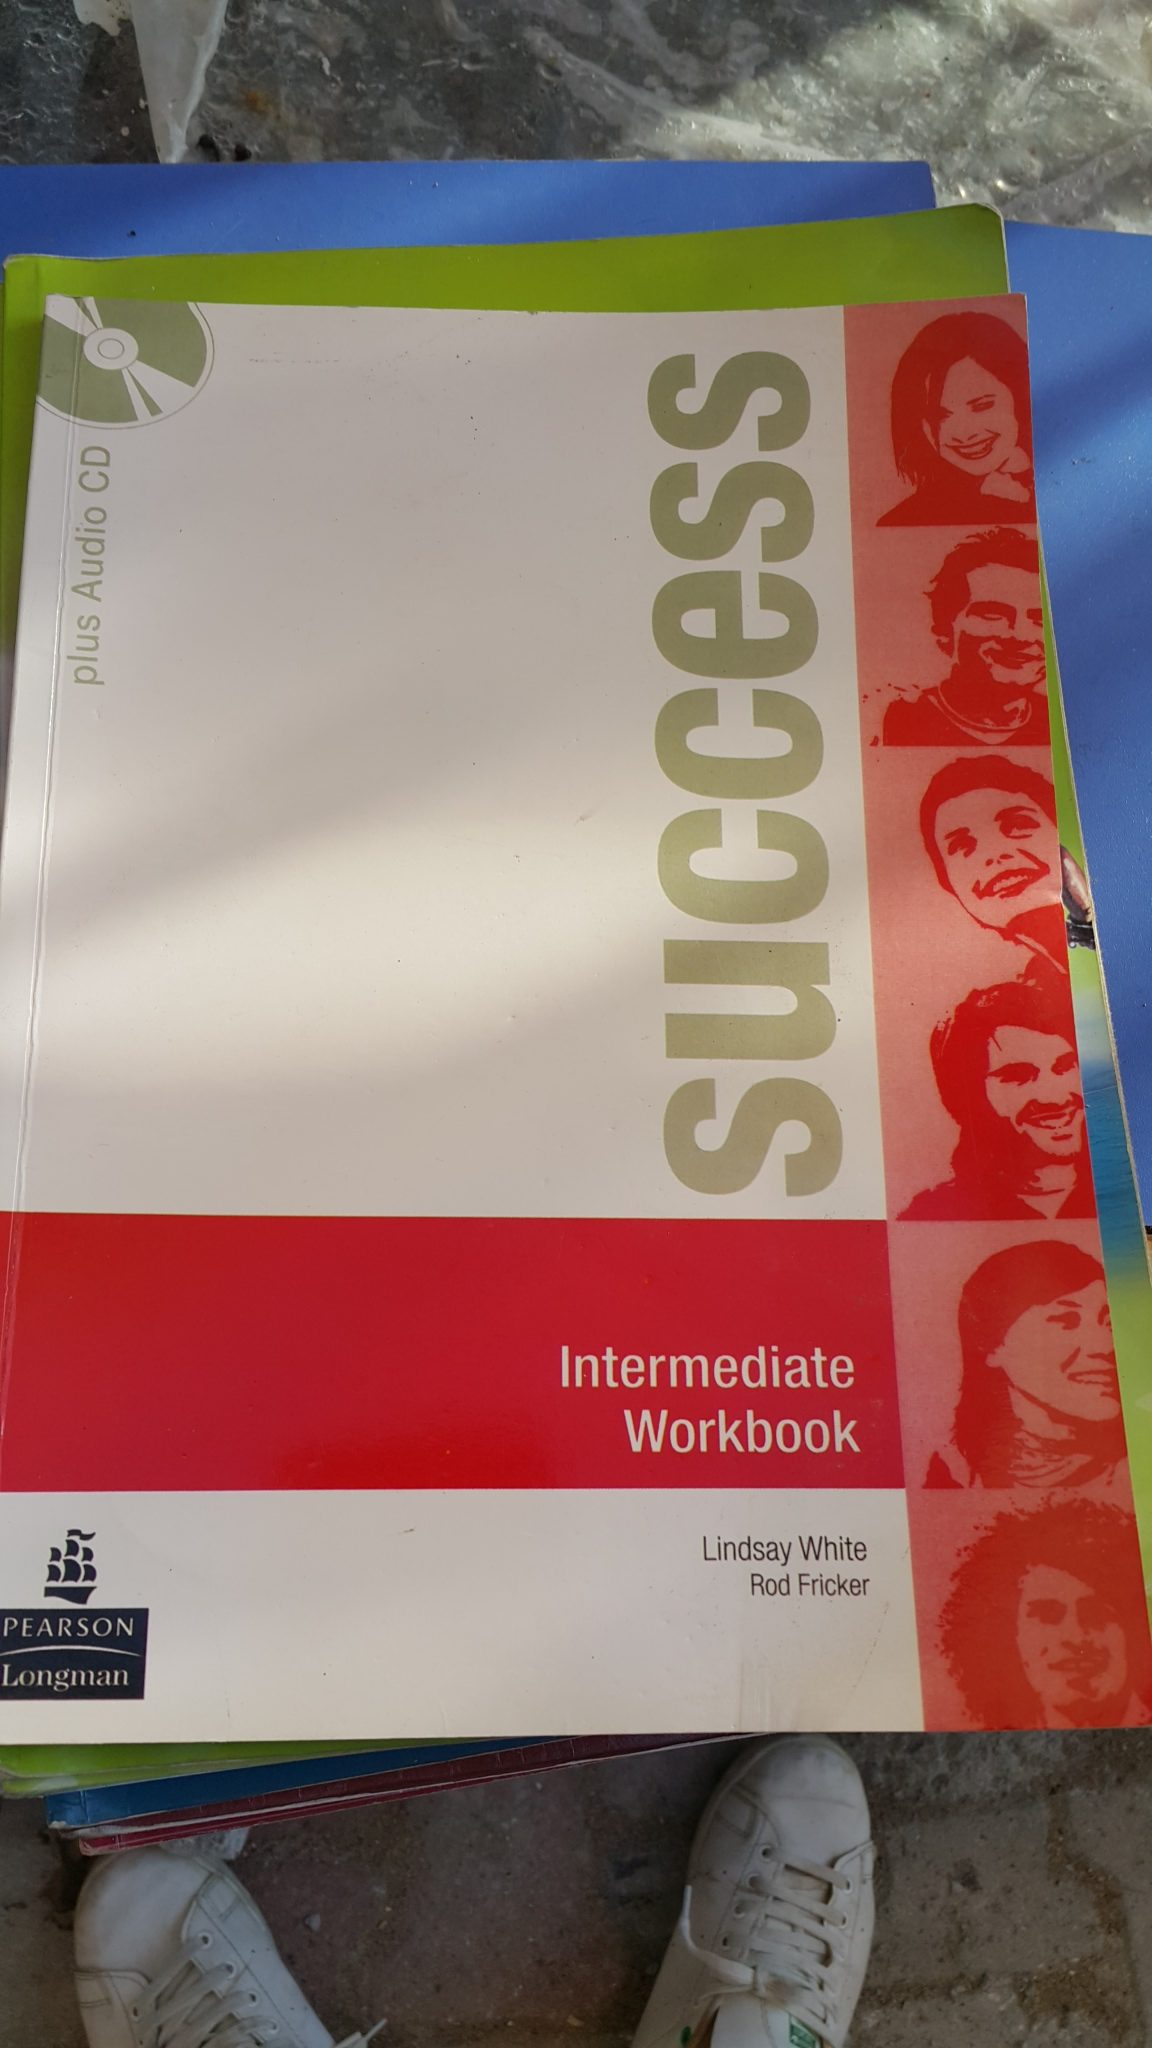 SUCCESS intermediate Workbook/L.White&R.Fricker